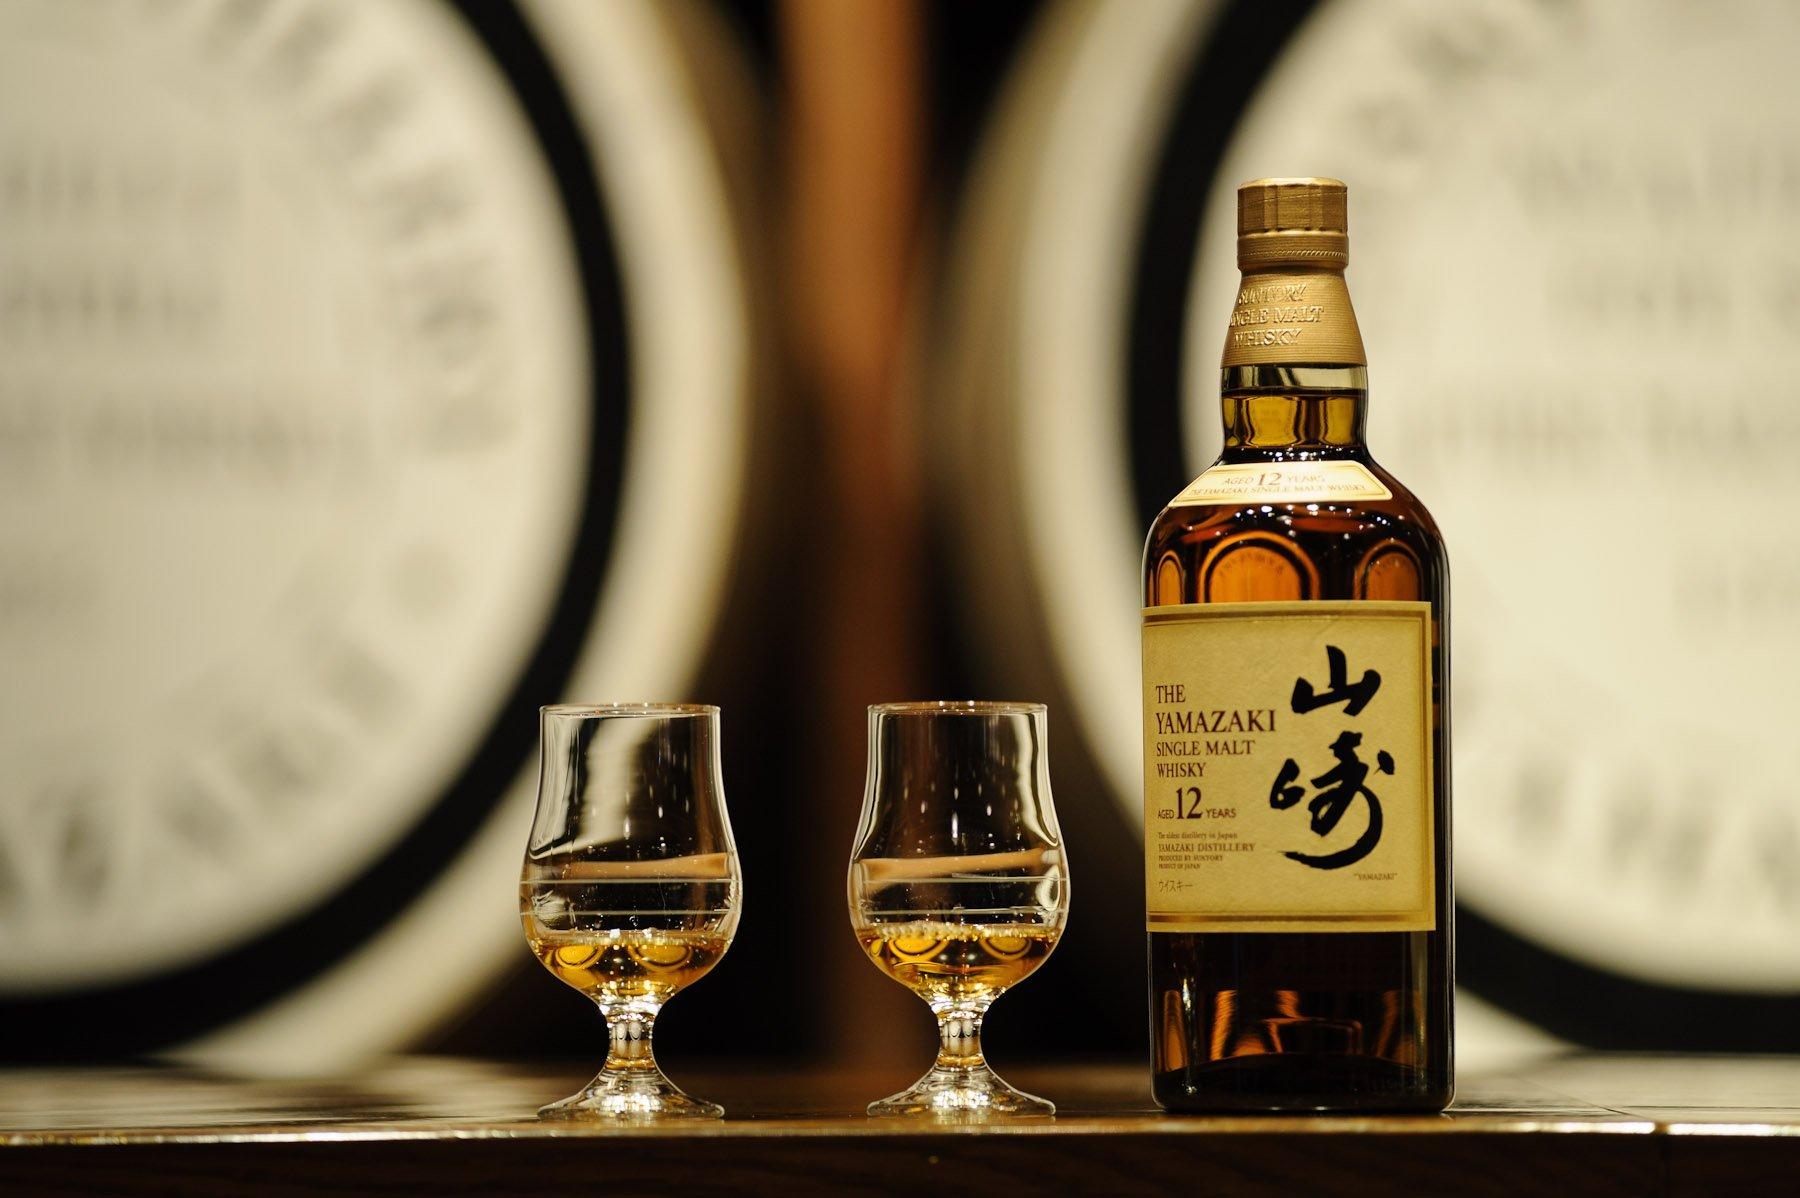 Бутылку премиального японского виски продали зарекордные 299 тыс. долларов